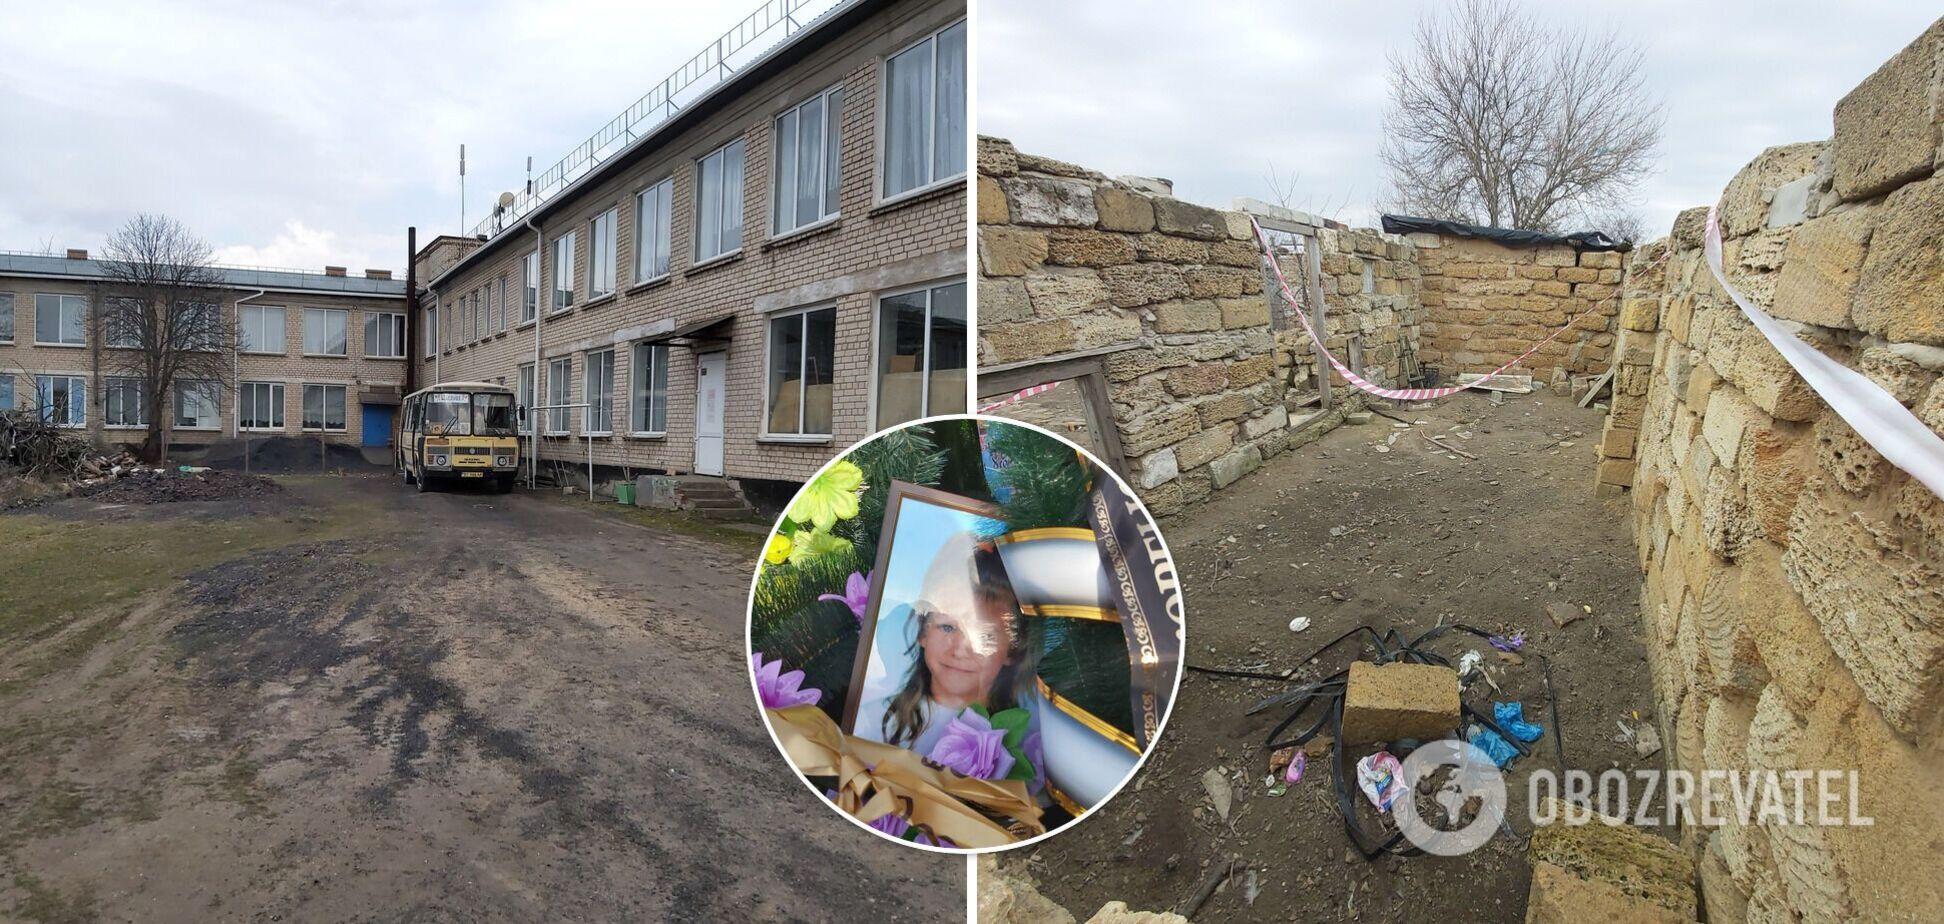 Нещасне Щасливе: як живуть і що знають люди в селі, де вбили Машу Борисову. Фото та відео